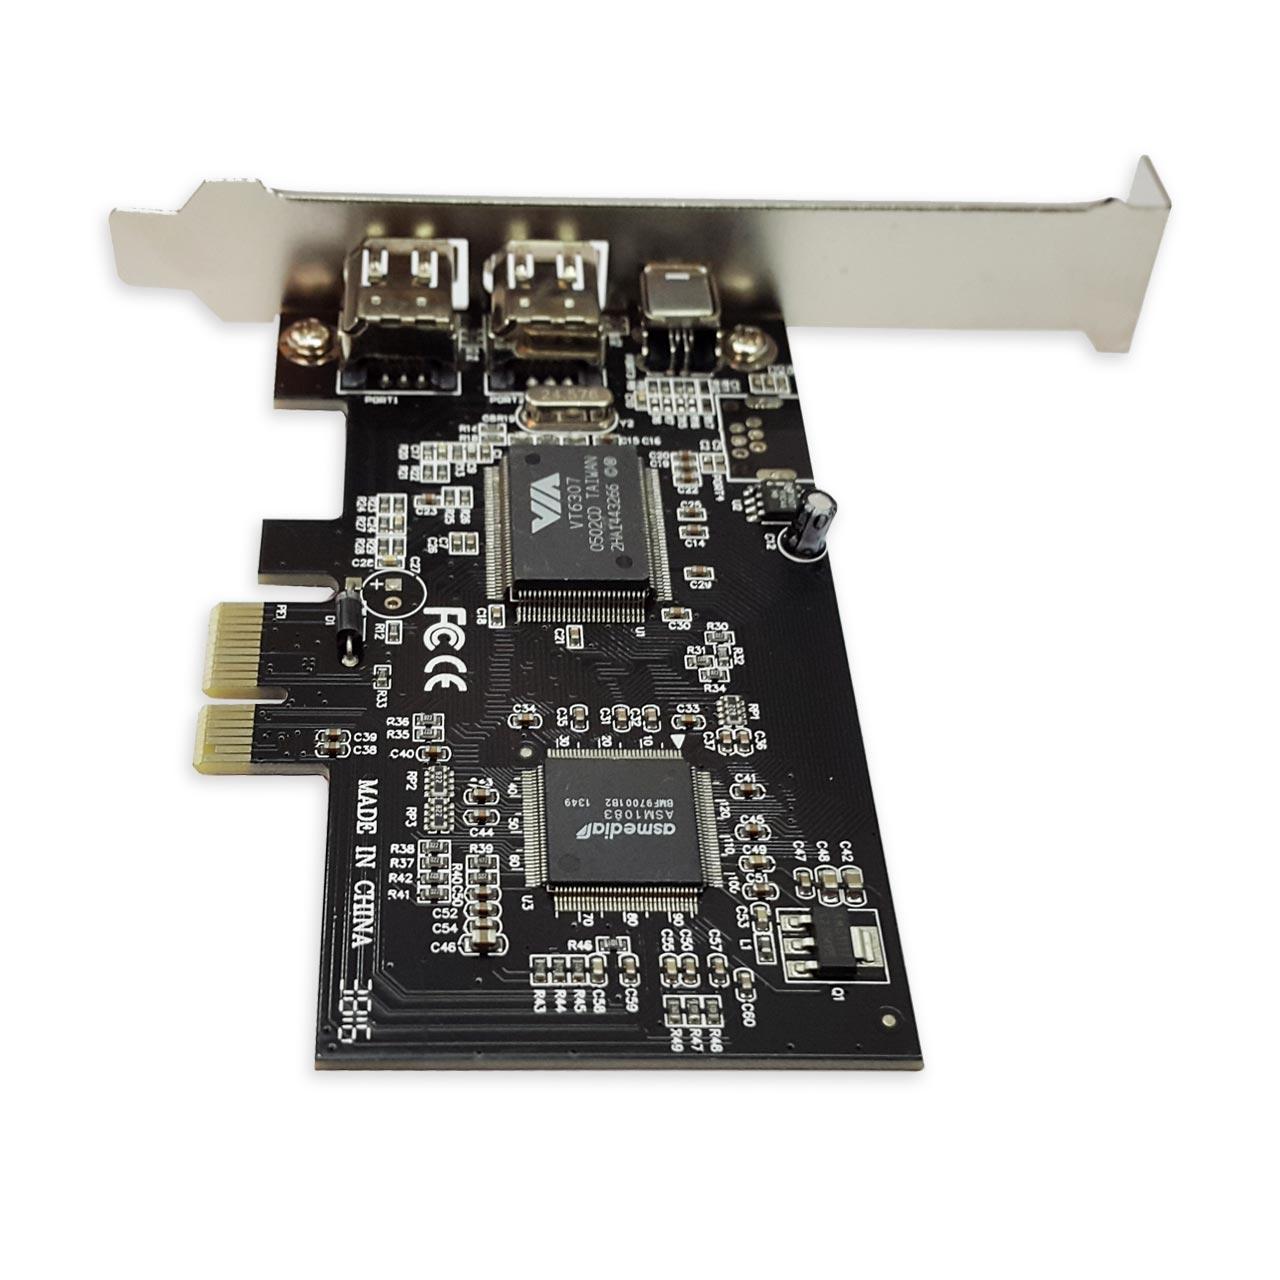 کارت PCI-e 1394 با چیپست VIA